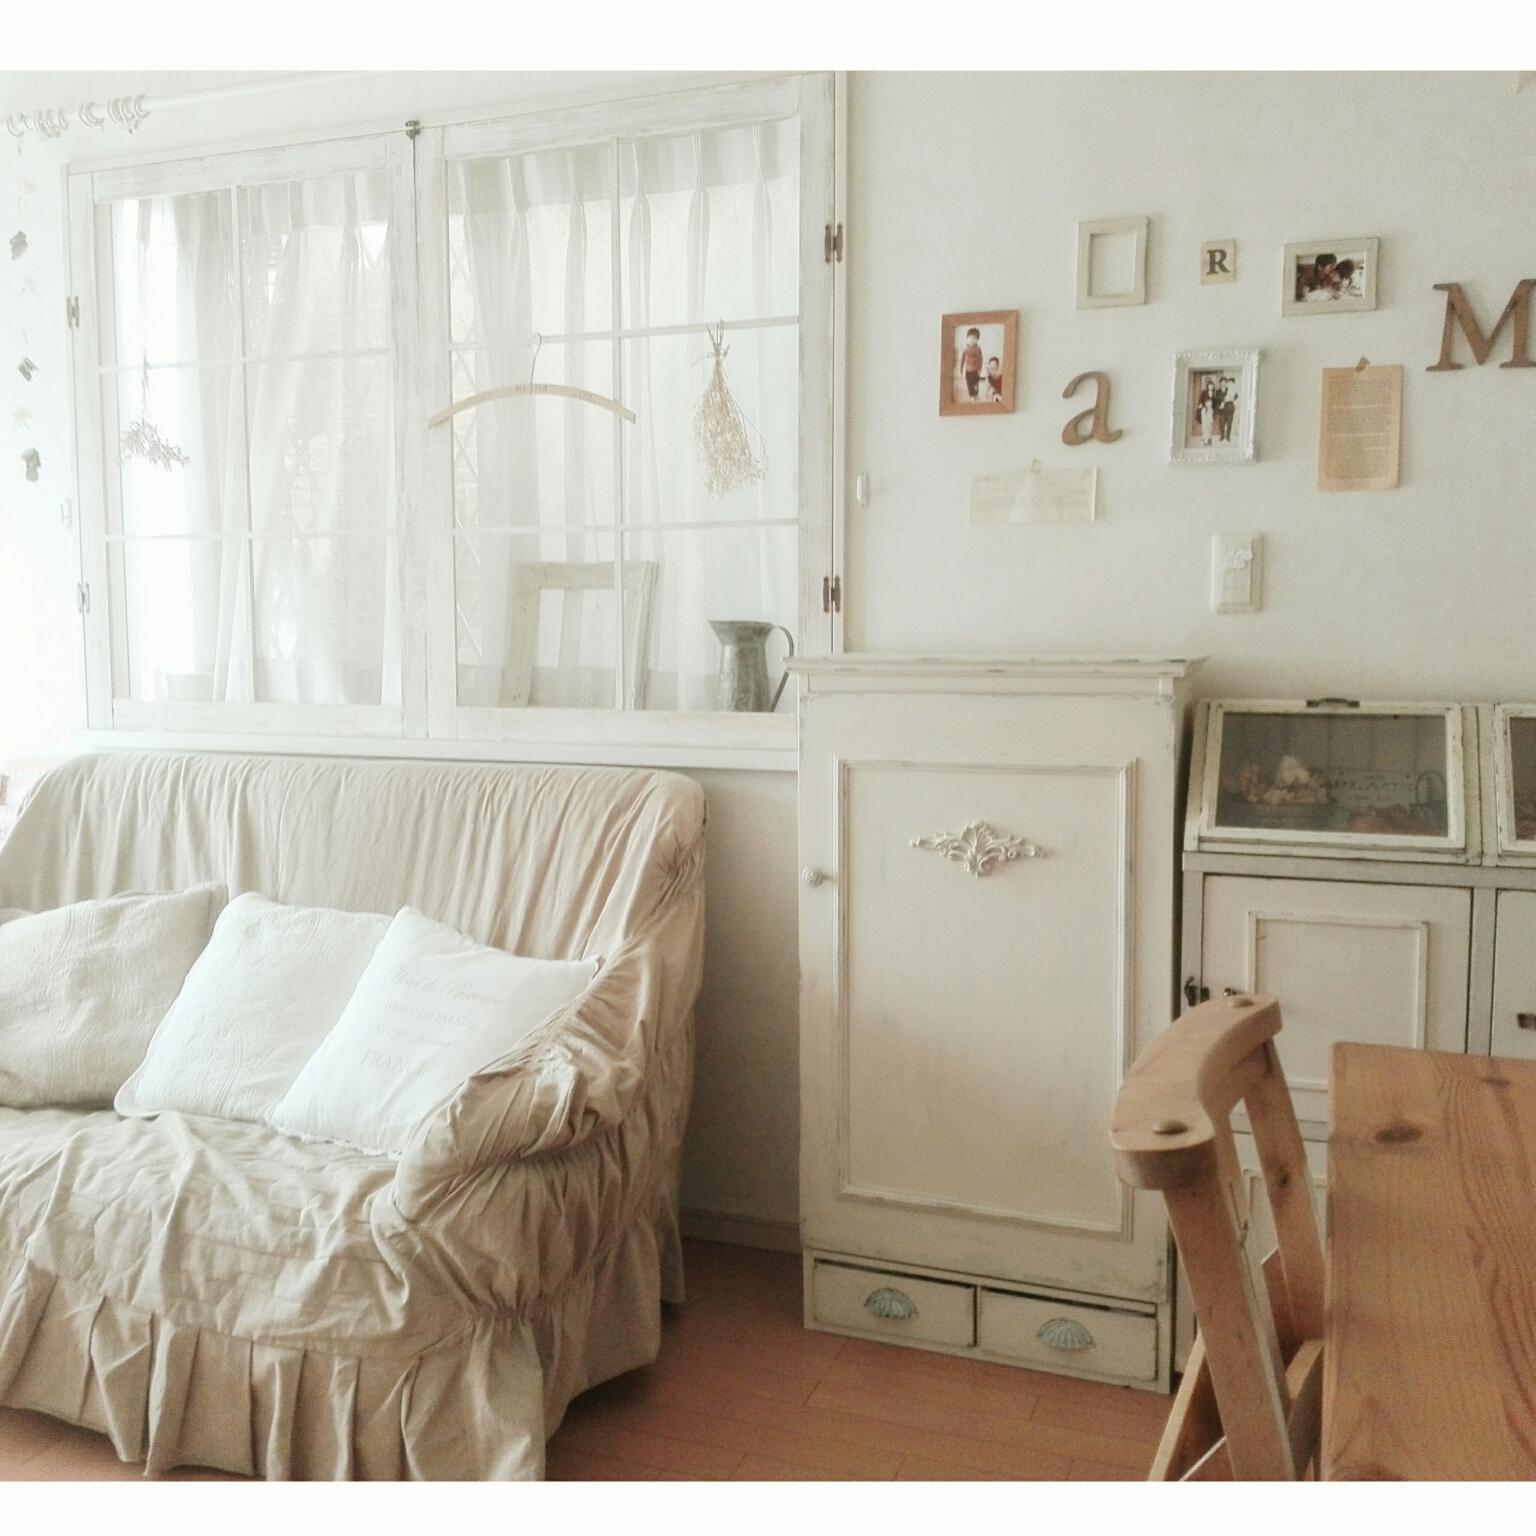 DIY/ドール棚/ドールの為の専用棚/プチブライス専用/クロネットドール/お洒落なお月様…などに関連する他の写真